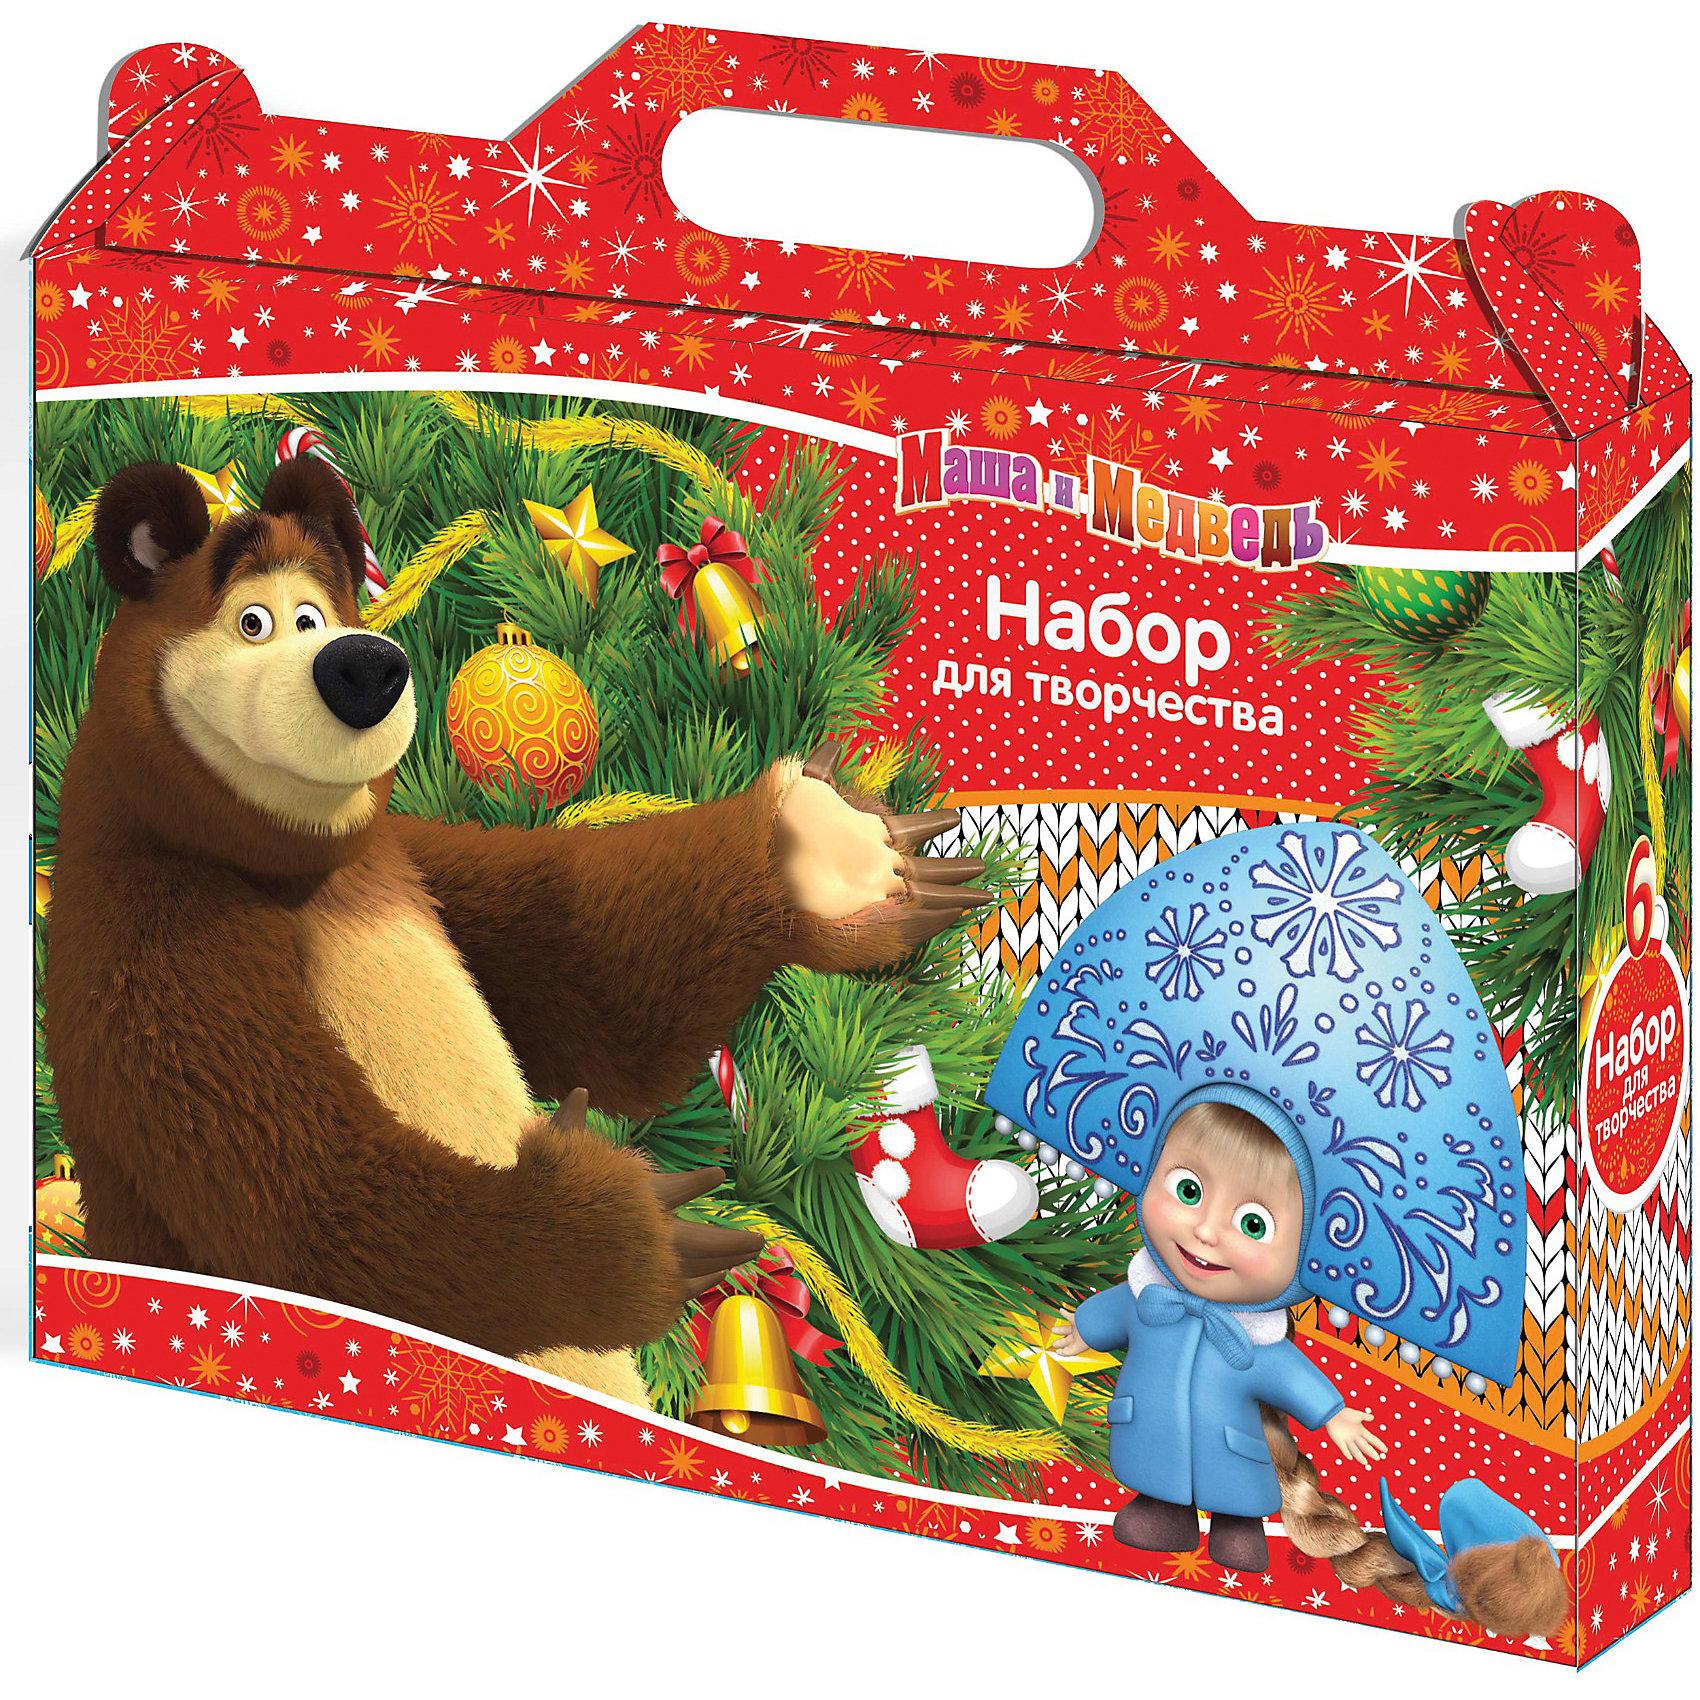 Набор для творчества Маша и МедведьНабор для творчества Маша и Медведь включает в себя все, что нужно для творчества! Ваш ребенок может лепить фигурки любимых героев из пластилина или же сделать открытку или поделку, применив цветной картон, цветную бумагу и все остальные составляющие набора. Пластилин обладает отличными пластичными свойствами, легко размягчается, не липнет к рукам, не имеет запаха, безопасен. Ножницы имеют хорошо заточенные лезвия из высококачественной нержавеющей стали, пластиковые ручки, закругленные концы и защитный чехол. Изделие безопасно для ребенка. Клей не имеет запаха и безопасен при надлежащем использовании. Лепи, конструируй из бумаги и фантазируй вместе с любимыми героями! Набор прекрасно развивает мелкую моторику и творческие способности, станет отличным подарком для любого ребенка. <br><br>Дополнительная информация:<br><br>- Комплектация: ножницы, пластилин (8 цветов), стек из пластика, клей-карандаш ( объем 8 гр.), цветной картон (А4, 10 листов, 10 цветов), цветная бумага А4, 10 цветов, 10 листов).<br>- Размер: 31.5х5х28 см<br>- Тип упаковки: папка, выполненная из мелованного картона.<br>- Крепление: скрепка.<br><br>Набор для творчества Маша и Медведь можно купить в нашем магазине.<br><br>Ширина мм: 50<br>Глубина мм: 280<br>Высота мм: 315<br>Вес г: 600<br>Возраст от месяцев: 36<br>Возраст до месяцев: 84<br>Пол: Женский<br>Возраст: Детский<br>SKU: 3895258